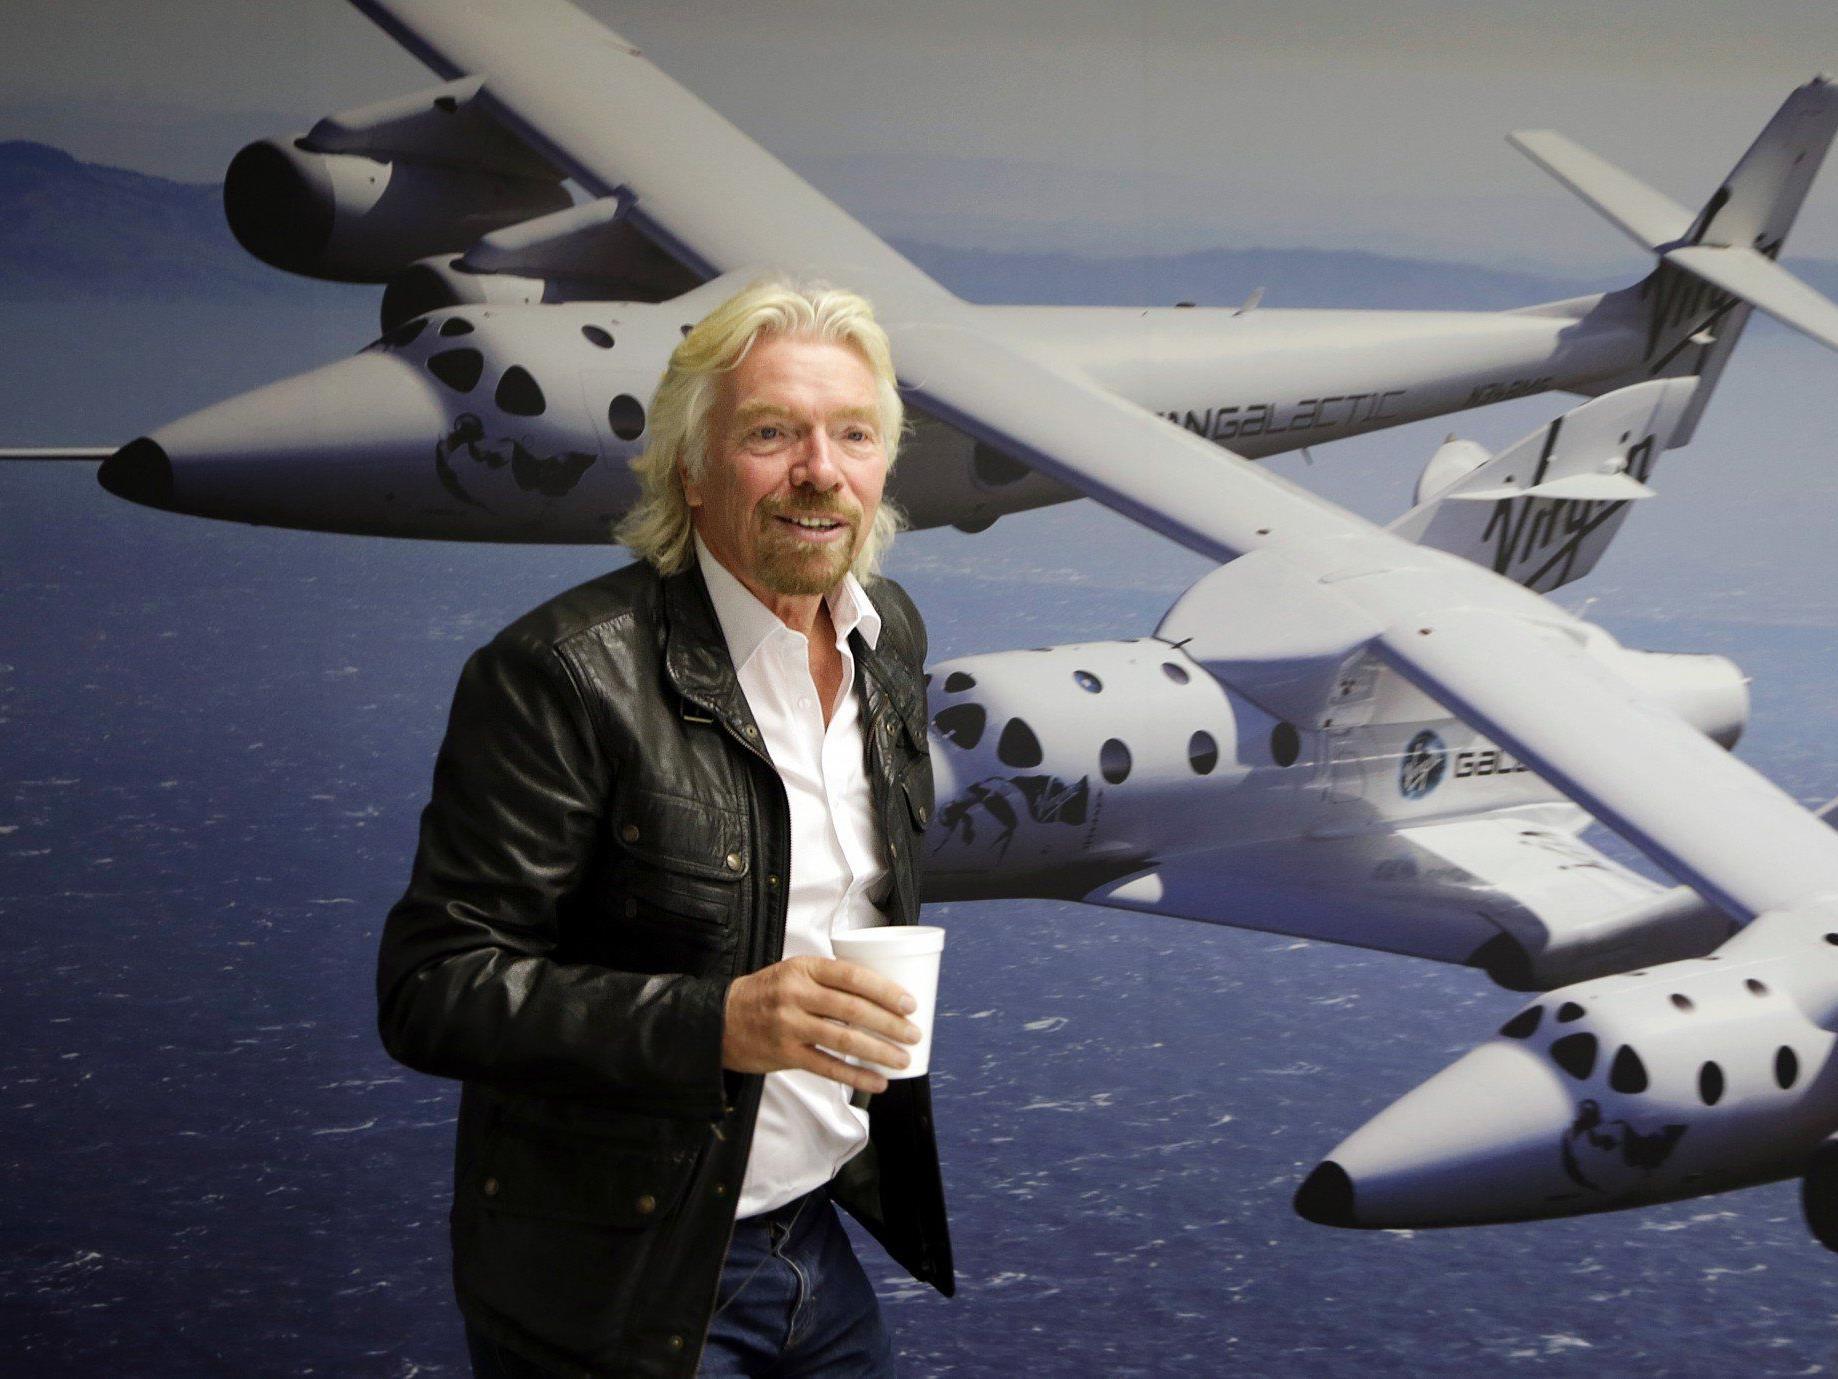 Branson in Wien gelandet - Erstflug ins All dauert aber länger